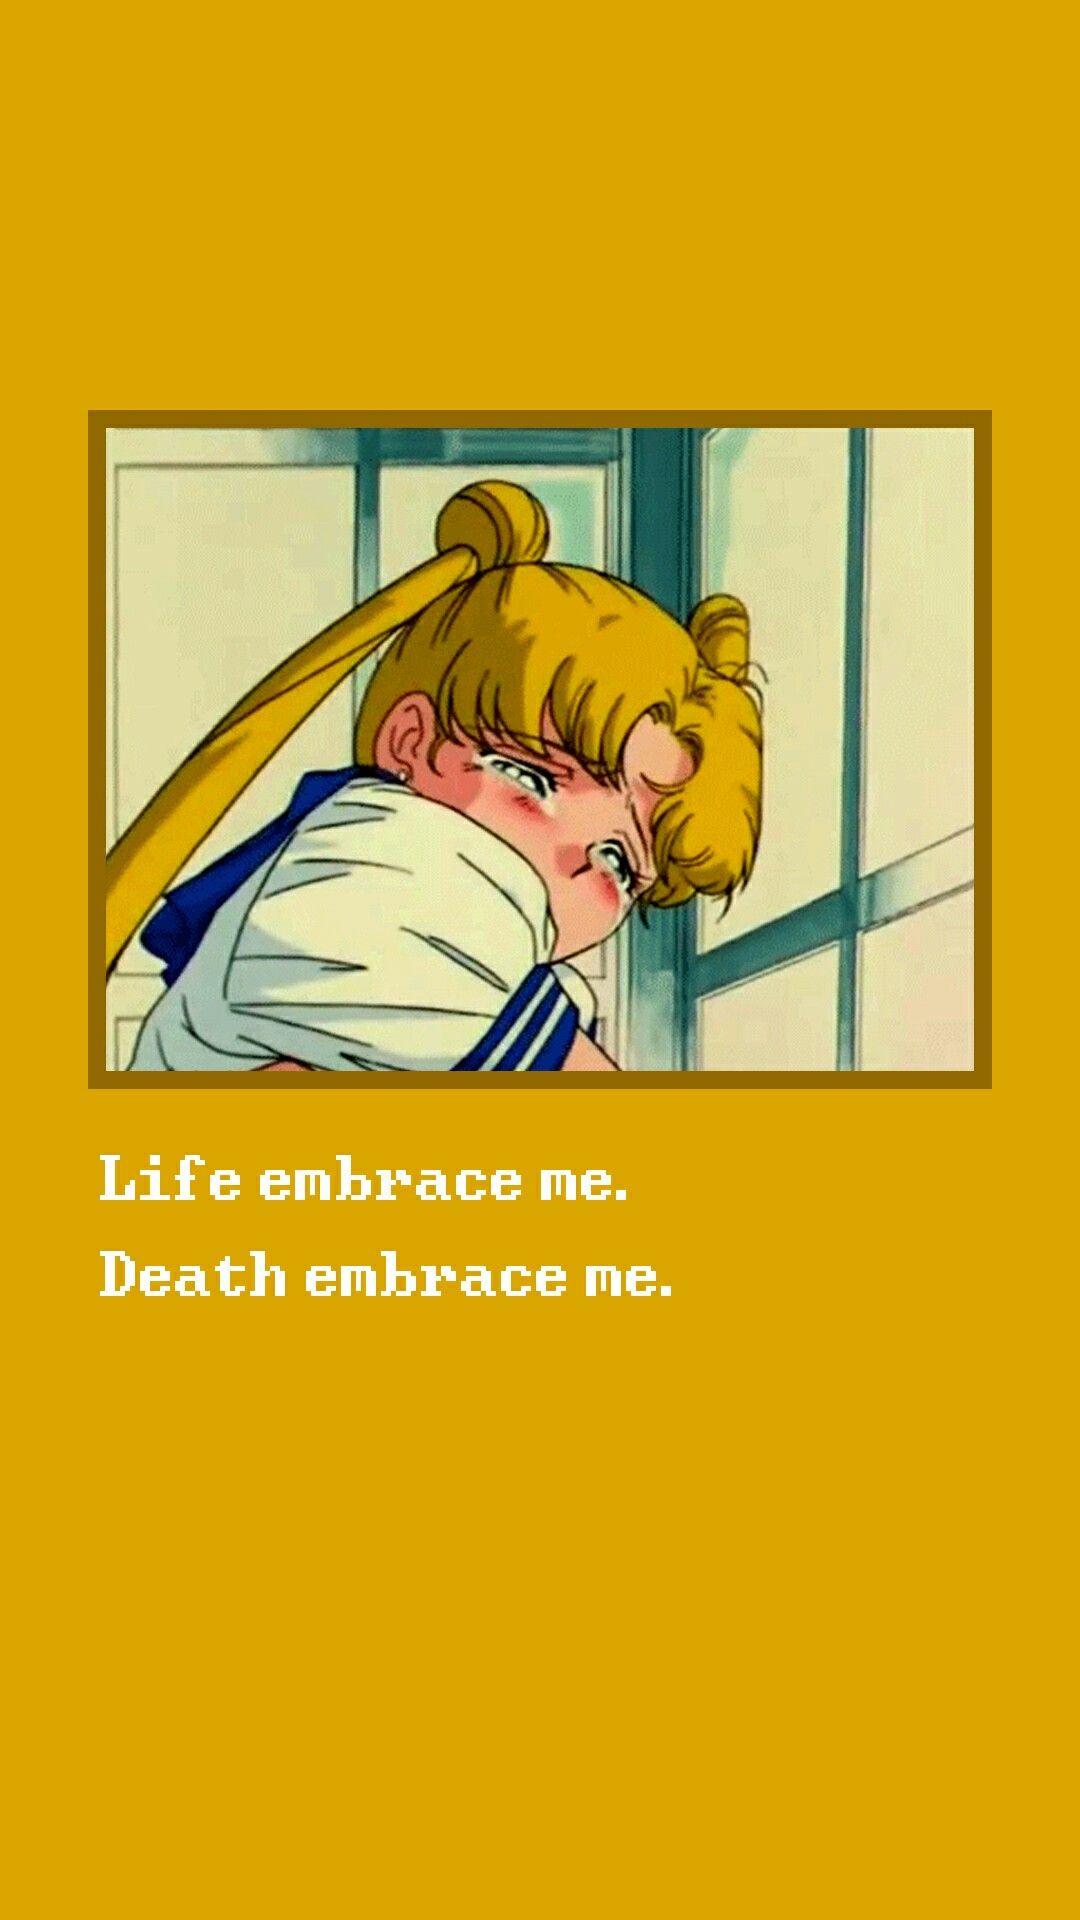 aesthetic backgrounds anime yellow